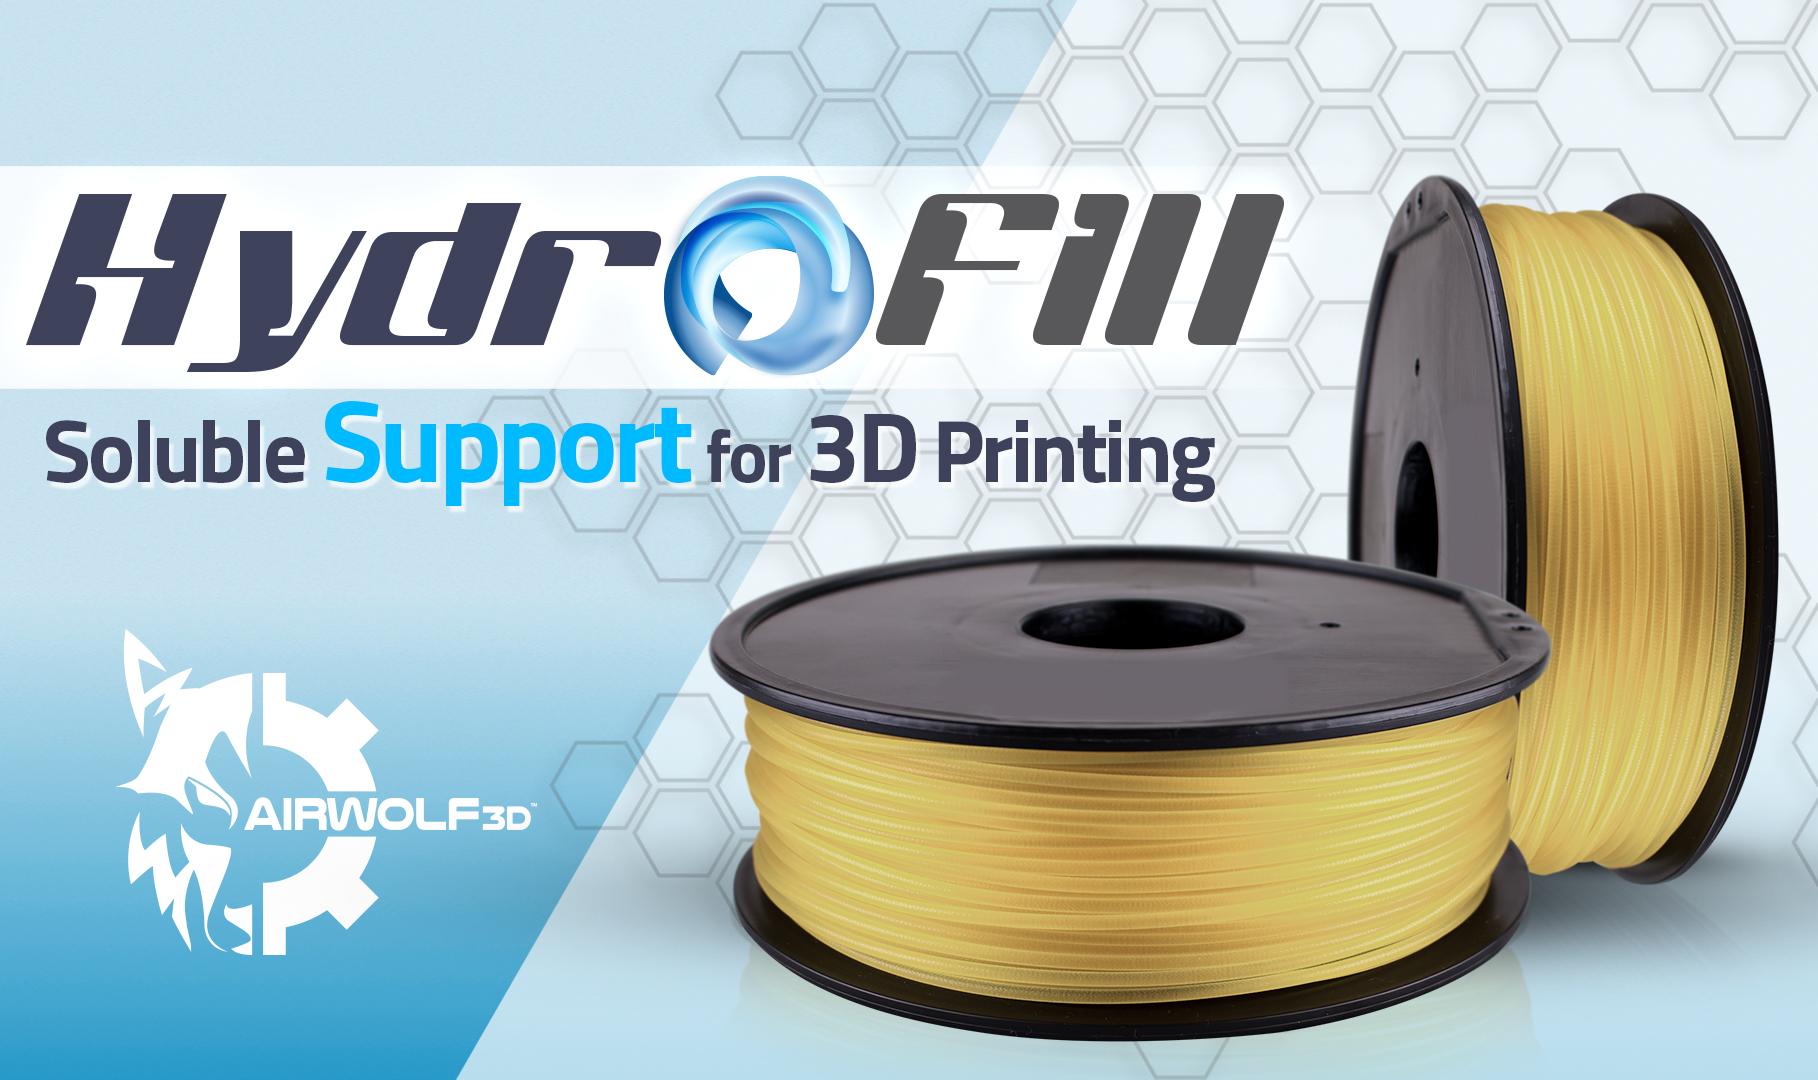 エアウルフ3D、新型水溶性サポートフィラメントをリリース